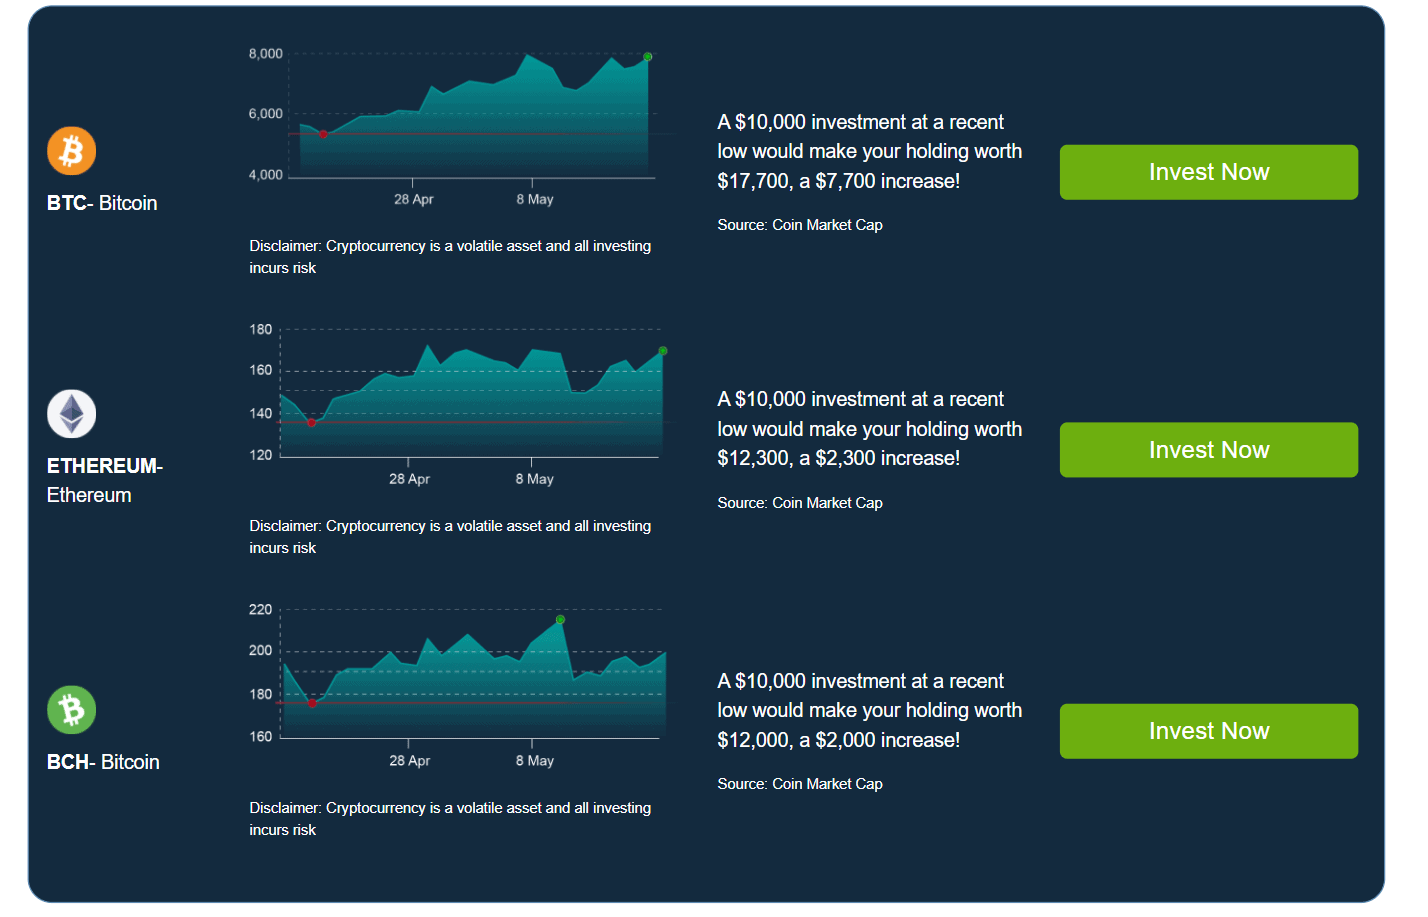 come faccio a approfitto da bitcoin)